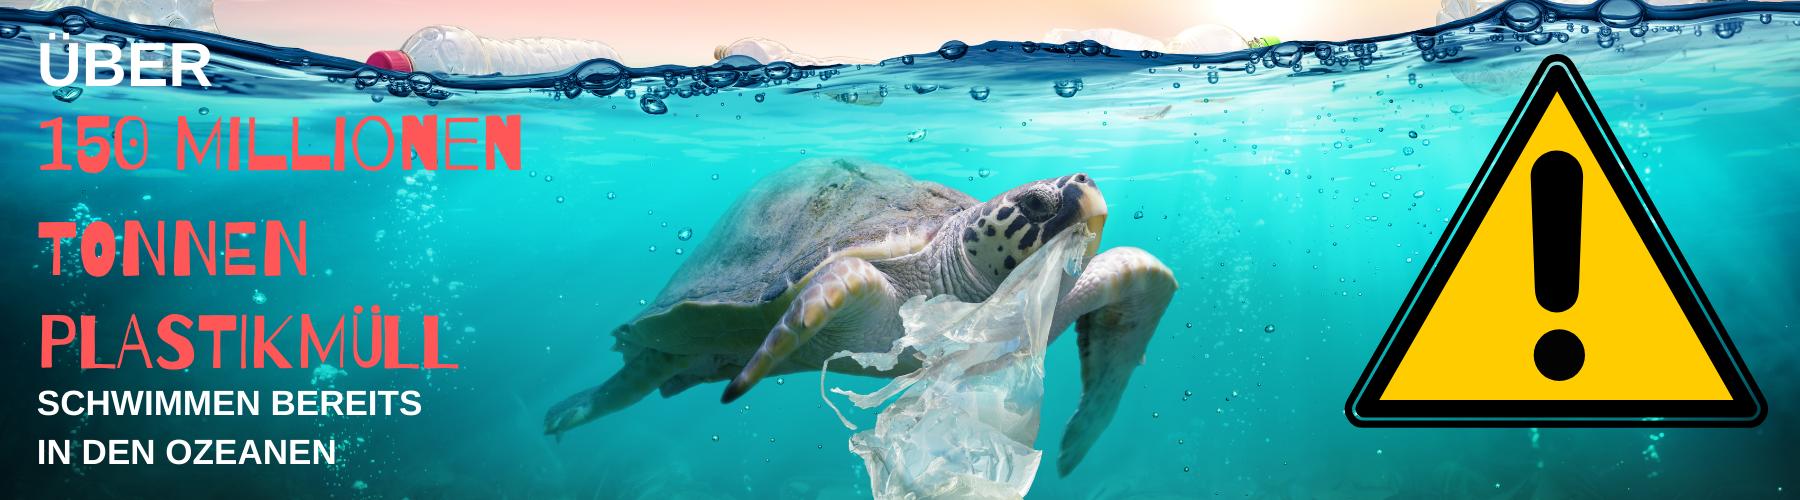 150 Millionen Tonnen Plastik im Meer